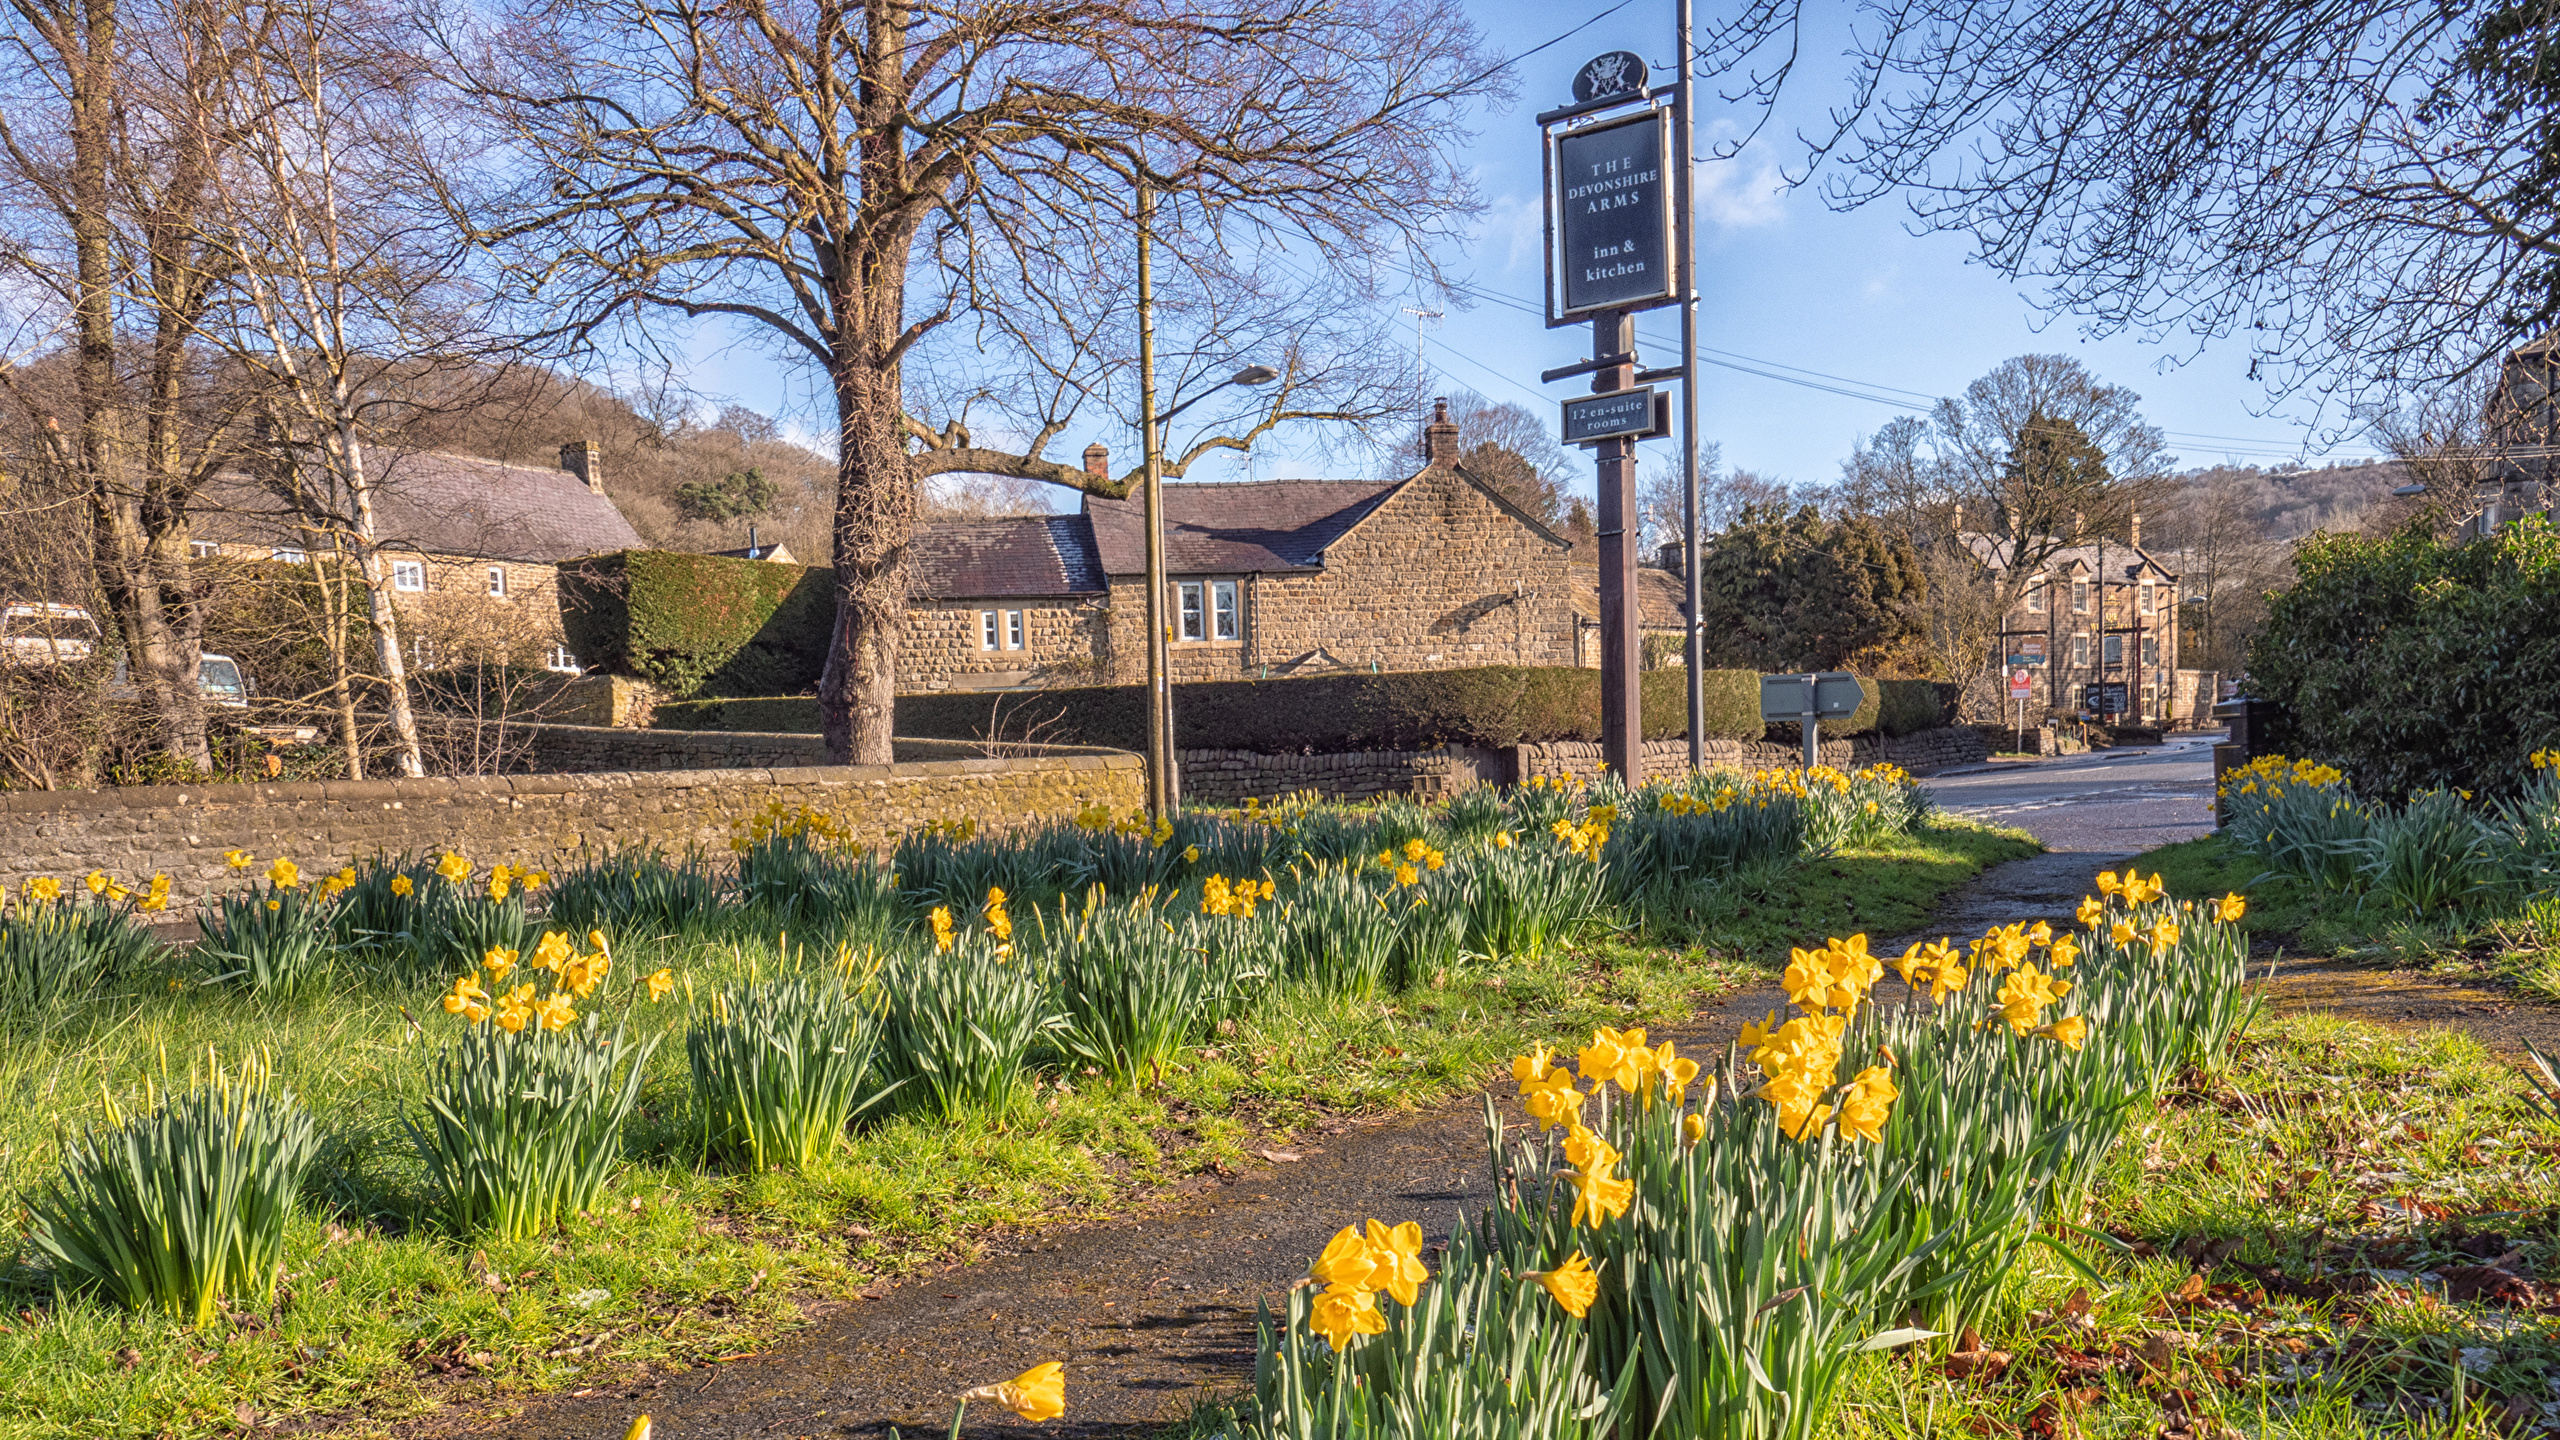 Картинки Великобритания Baslow Derbyshire весенние улице Нарциссы Города Здания 2560x1440 Весна улиц Улица Дома